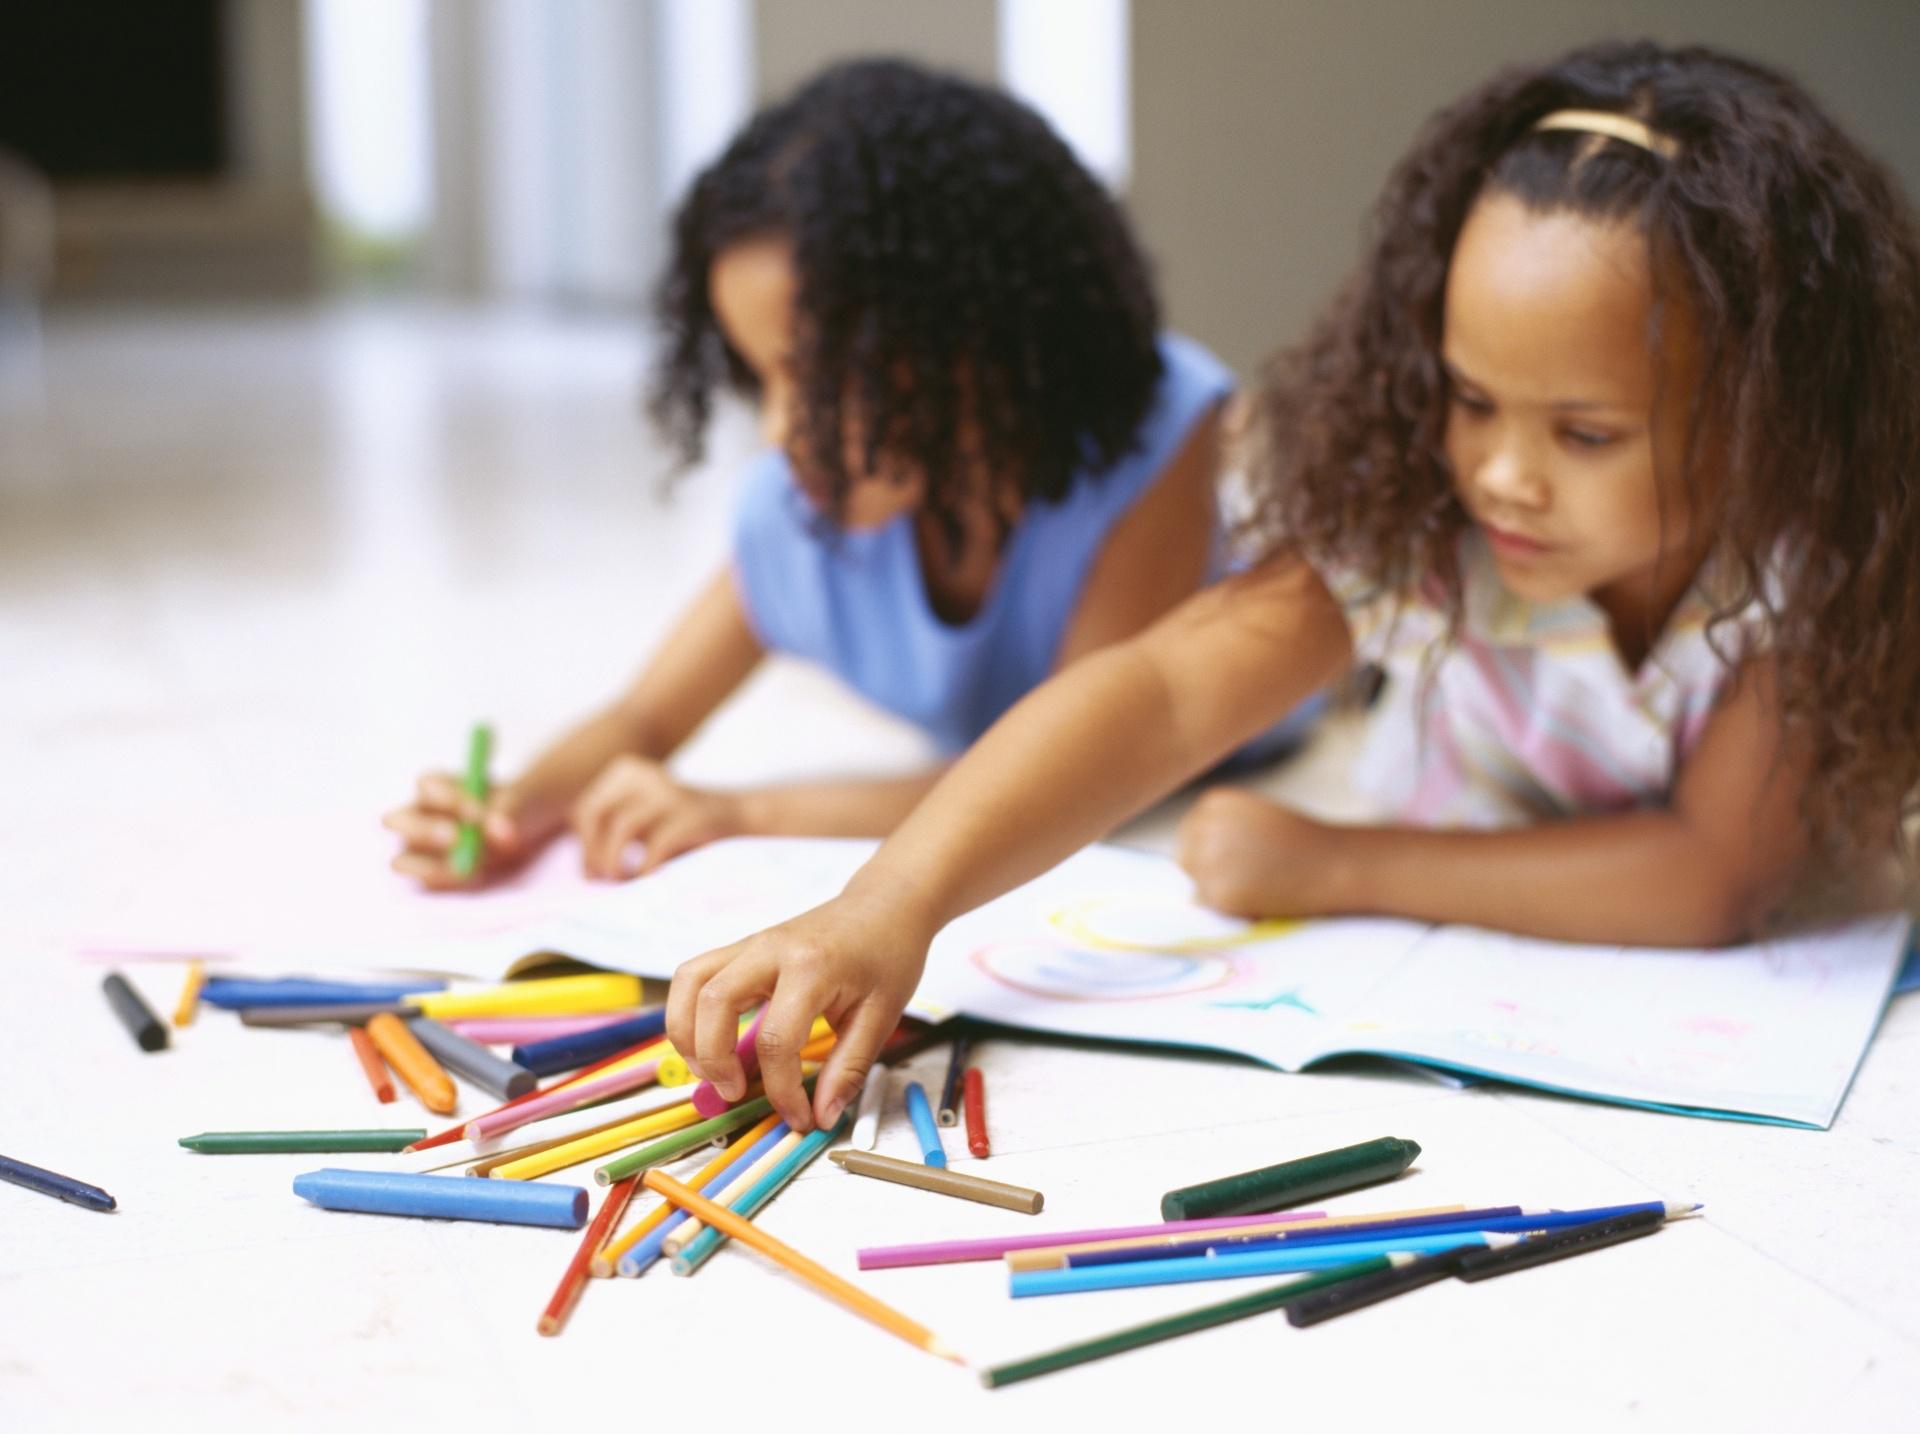 Desenhar ajuda a desenvolver percepção, emoção e inteligência; incentive as  crianças - 08/11/2012 - UOL Universa